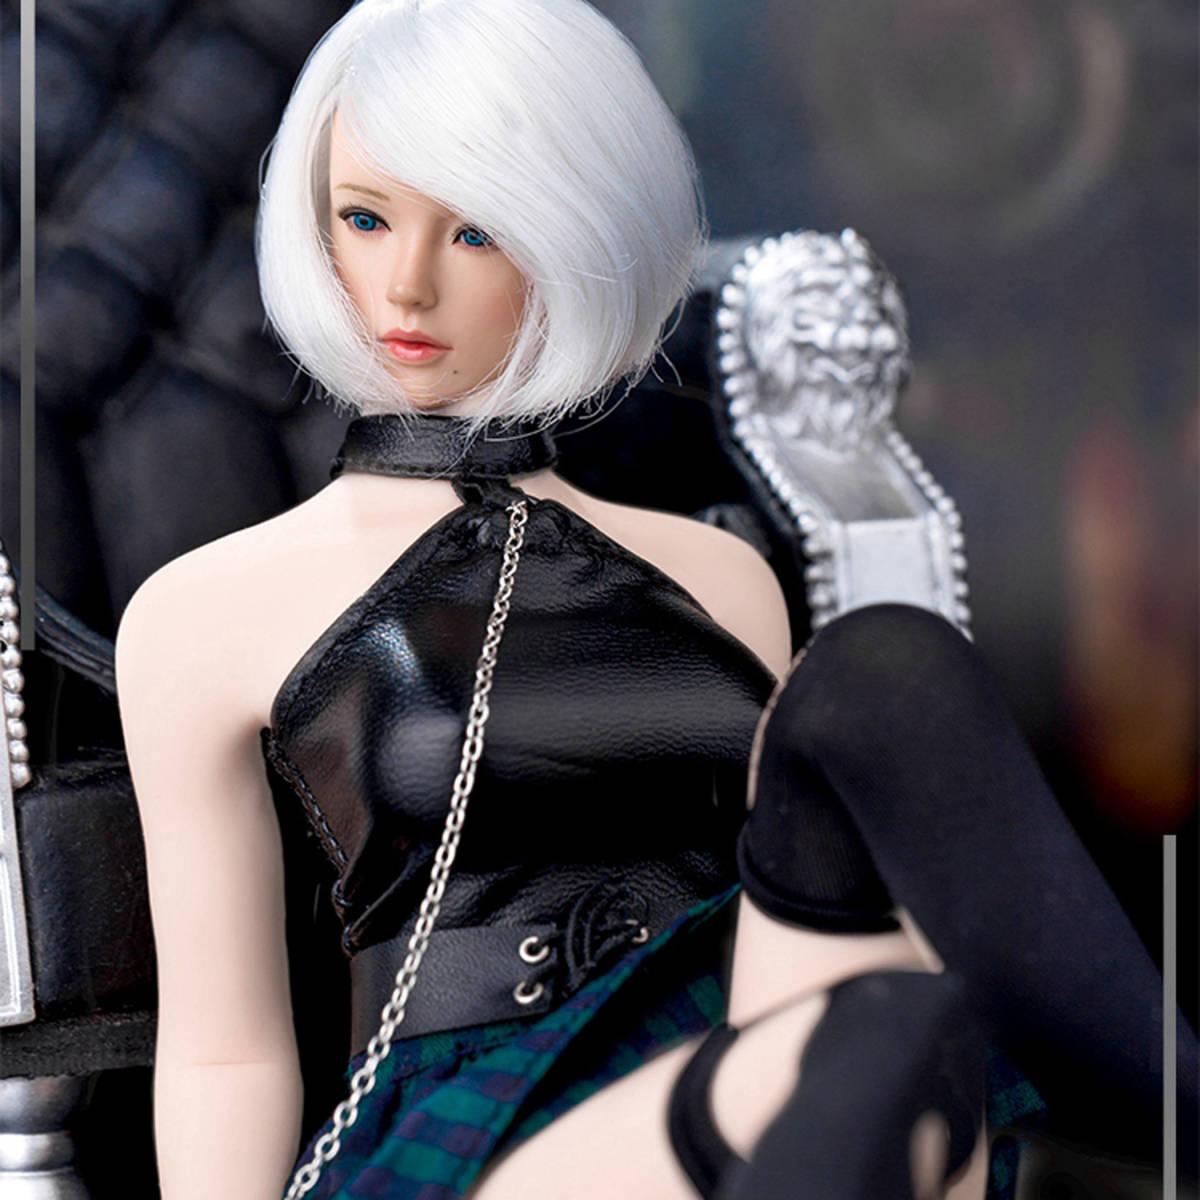 送料無料A26 1/6 サイズ Phicen /BLeague/Jiaou Doll素体対応 女性のファッションスーツ 衣装 7点セット 番号A26_画像5